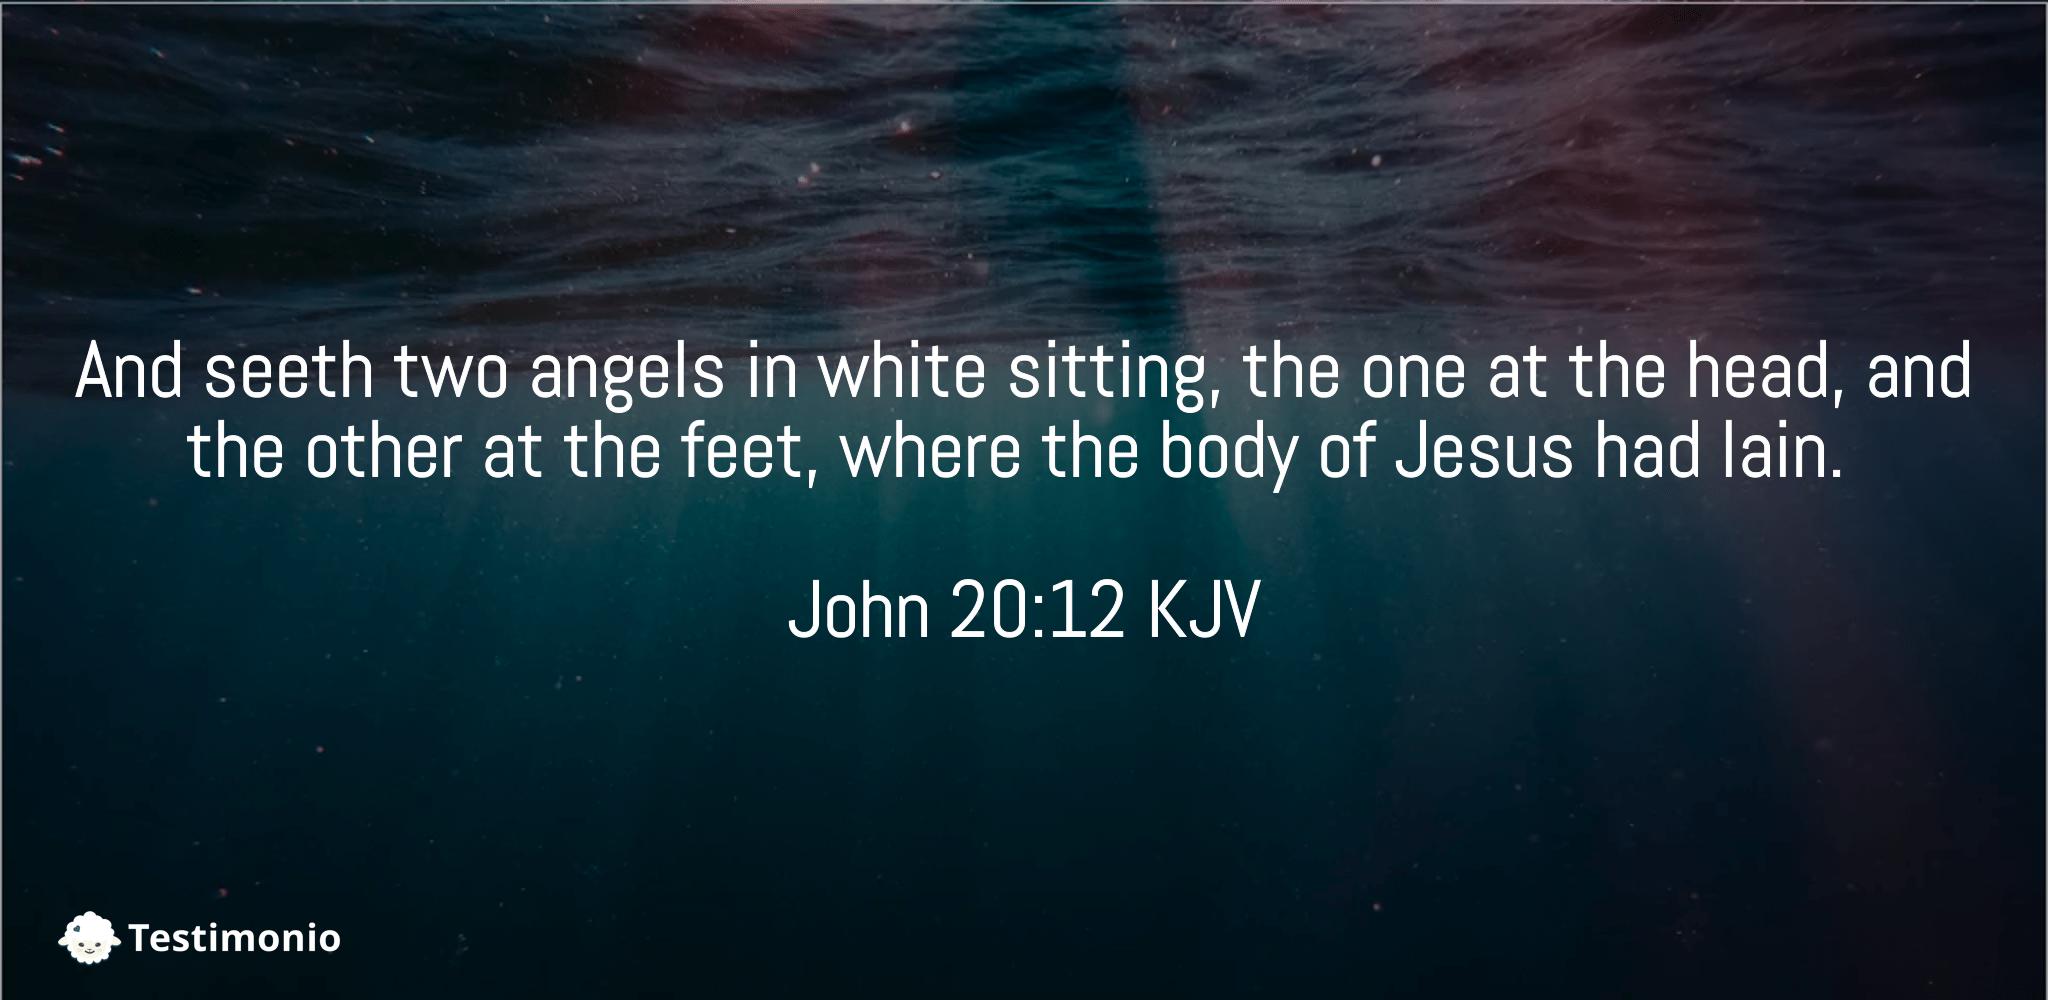 John 20:12